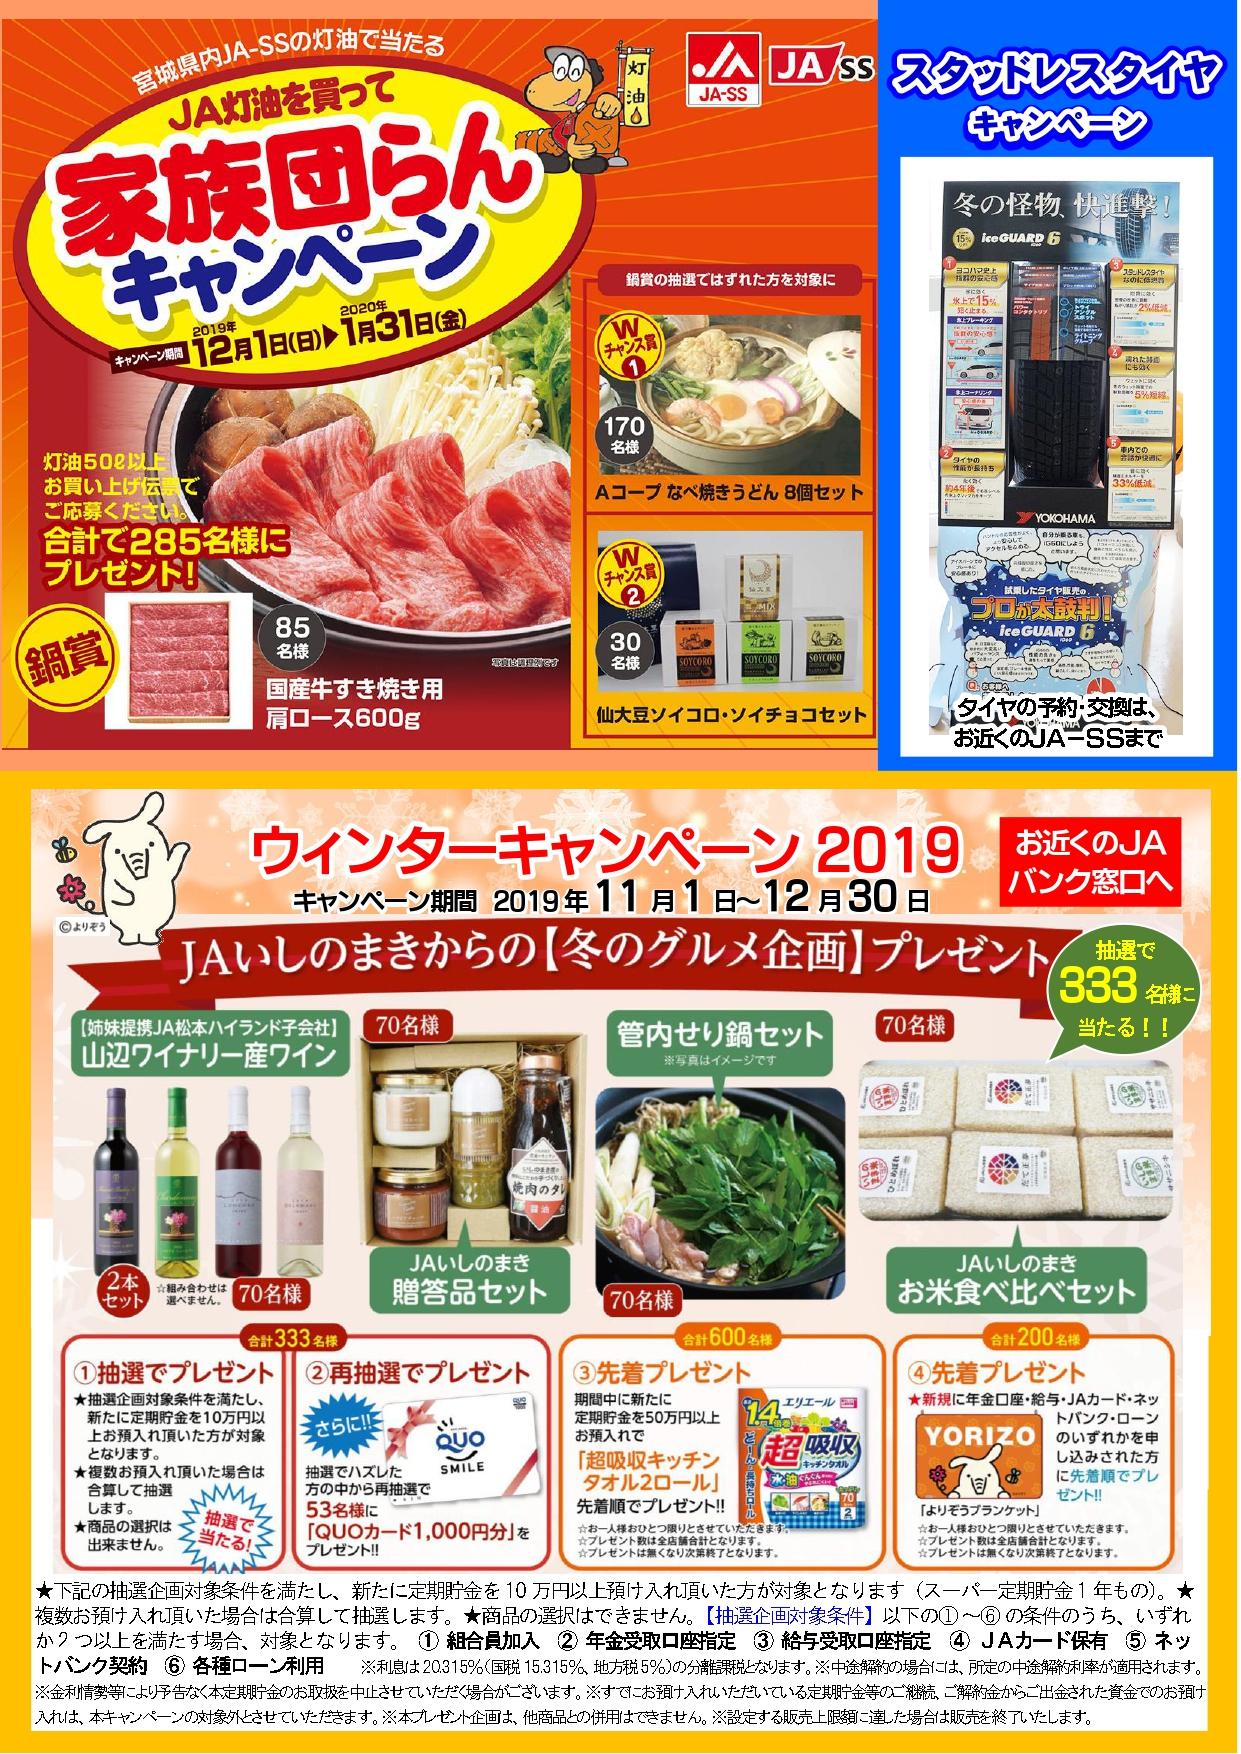 【ポストチラシ】2019.12-4